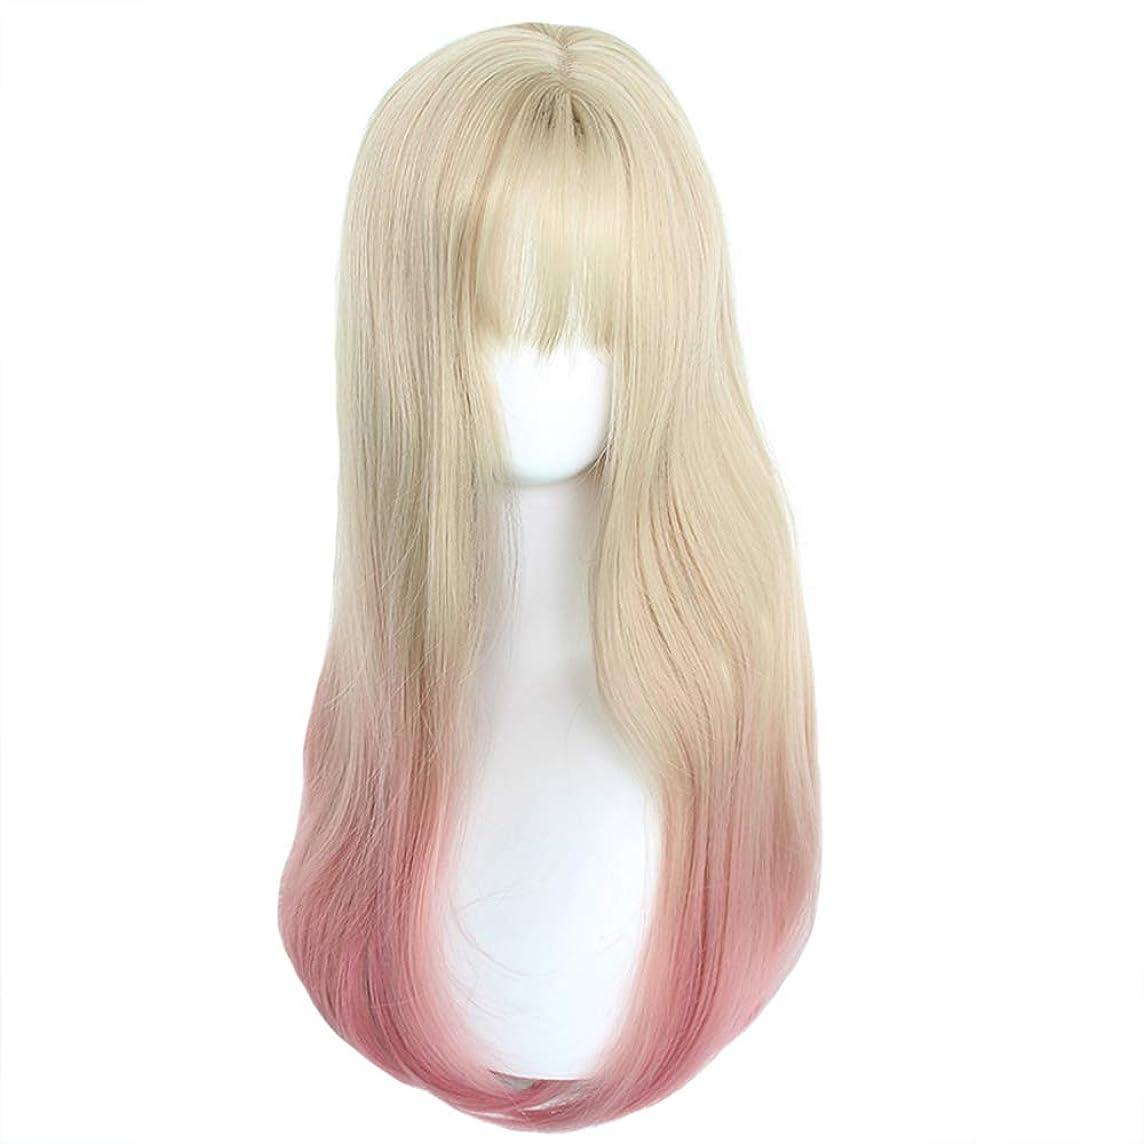 ナース散歩に行く歯科のかつら - ファッションロングロールリューハイウィッグレディハロウィンコスプレヒートナチュラル60センチメートルライトゴールドグラデーションピンク (色 : Pink, サイズ さいず : 60 cm 60 cm)